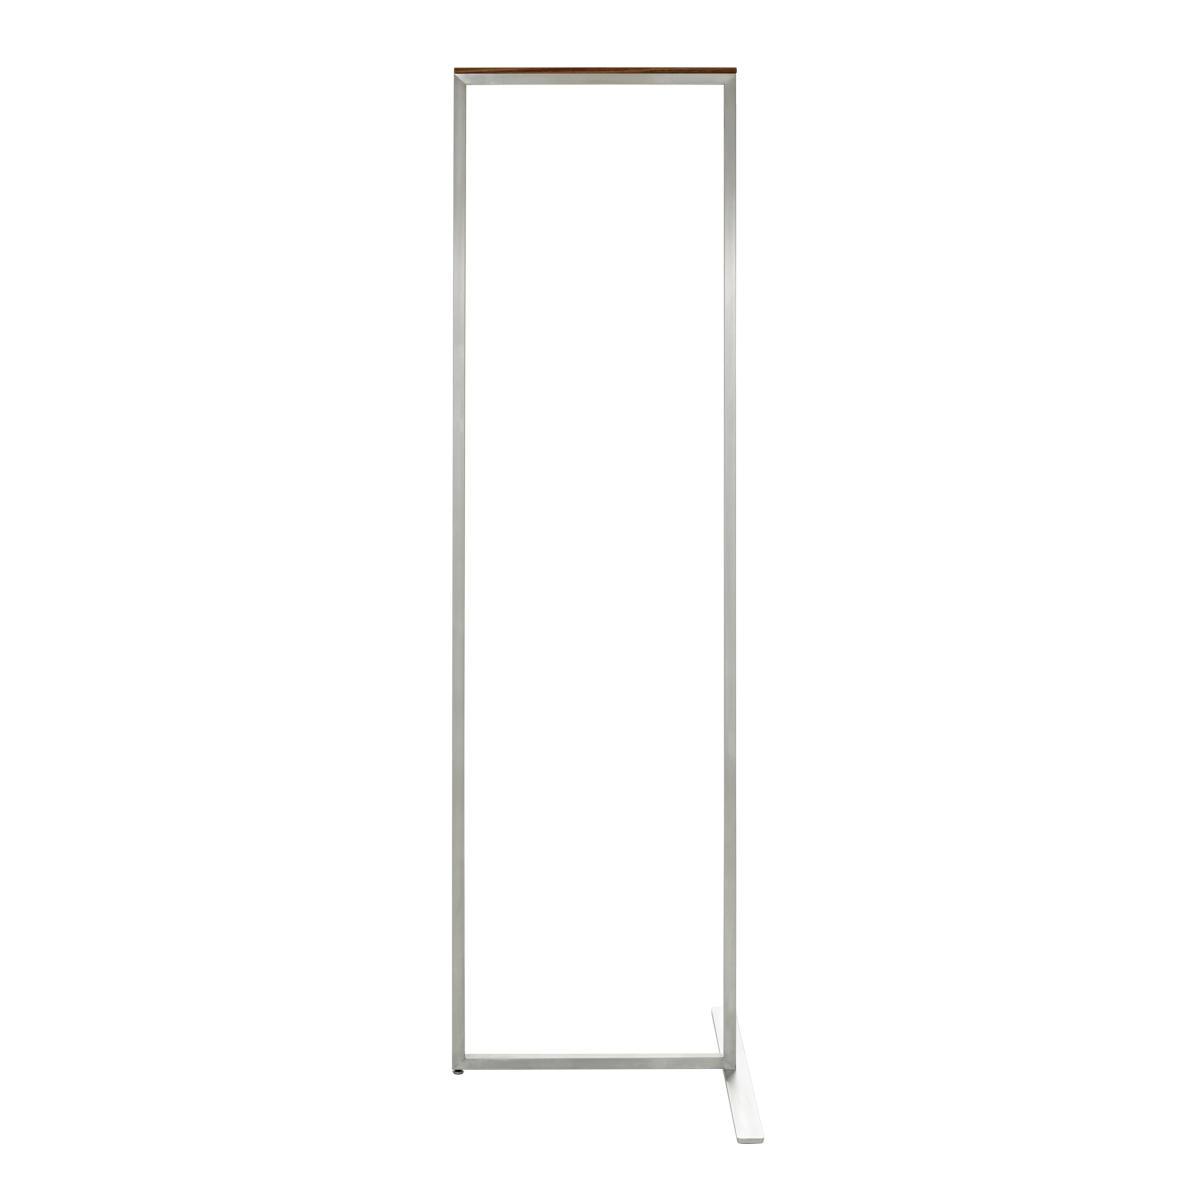 SKID Garderobenständer 45 cm, Edelstahl mit Nussbaum Auflage